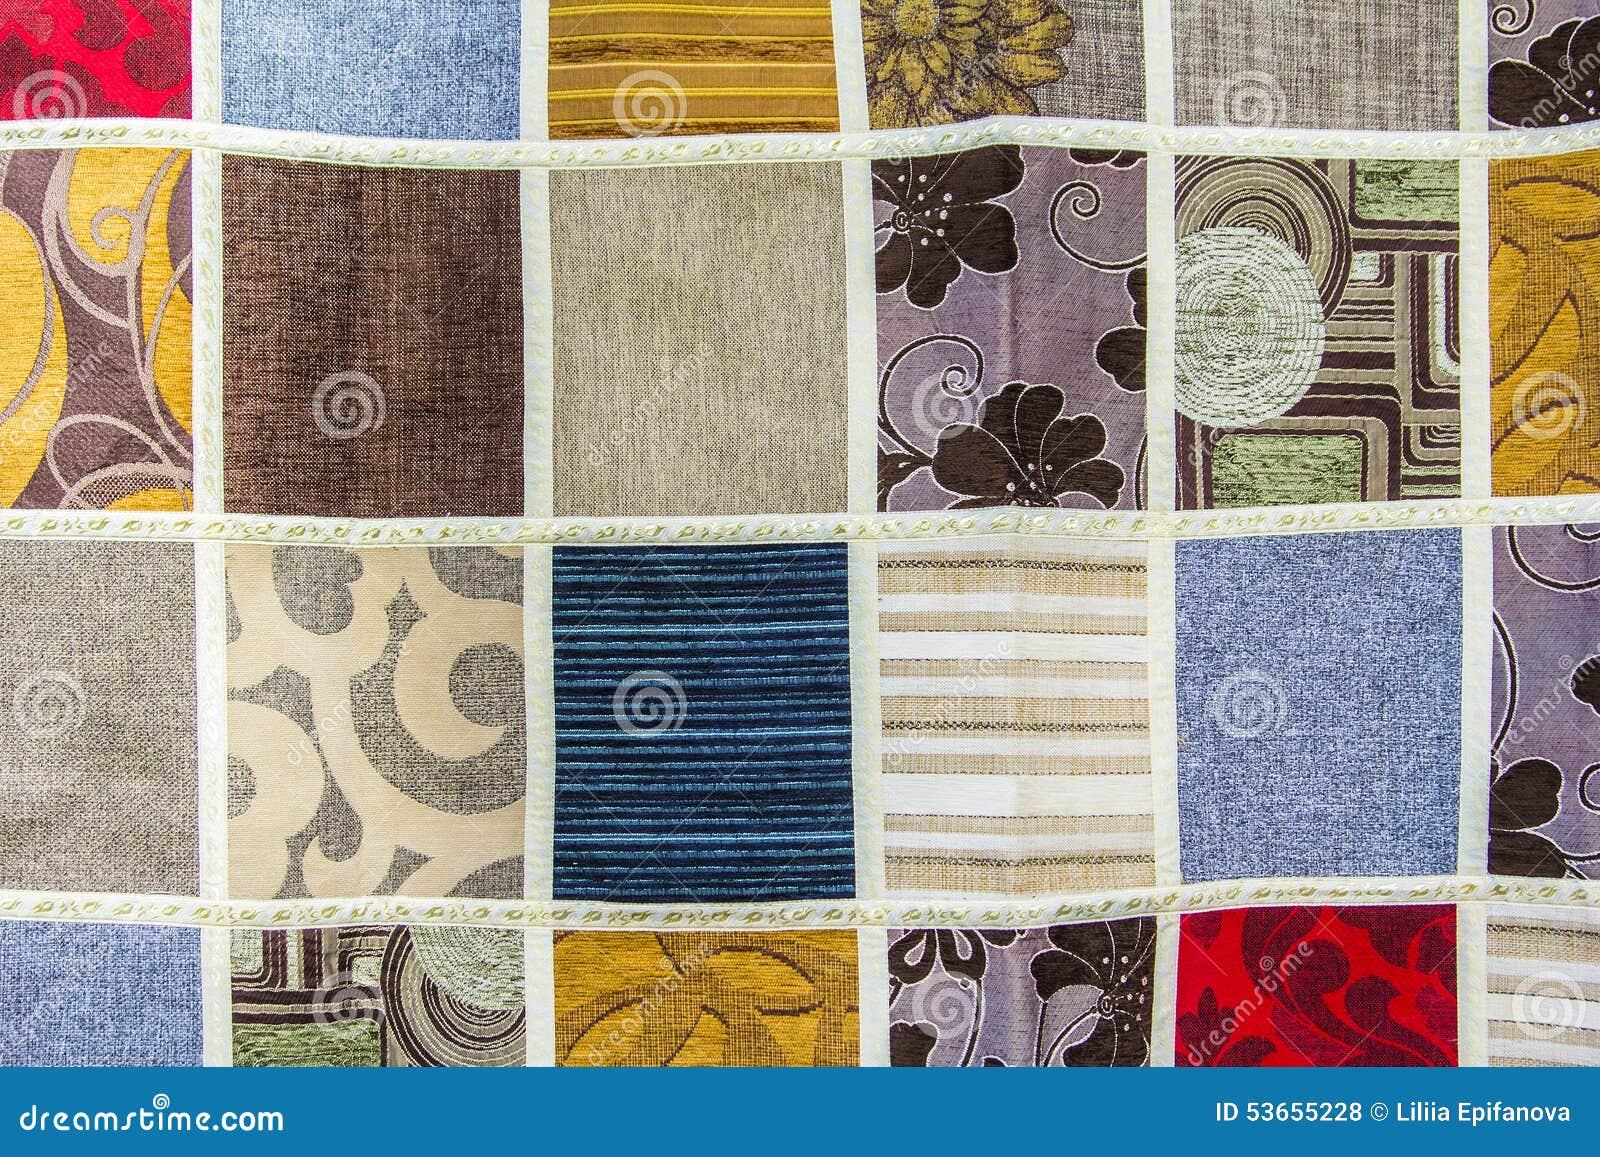 Textura do fundo de uns retalhos de partes diferentes de tela